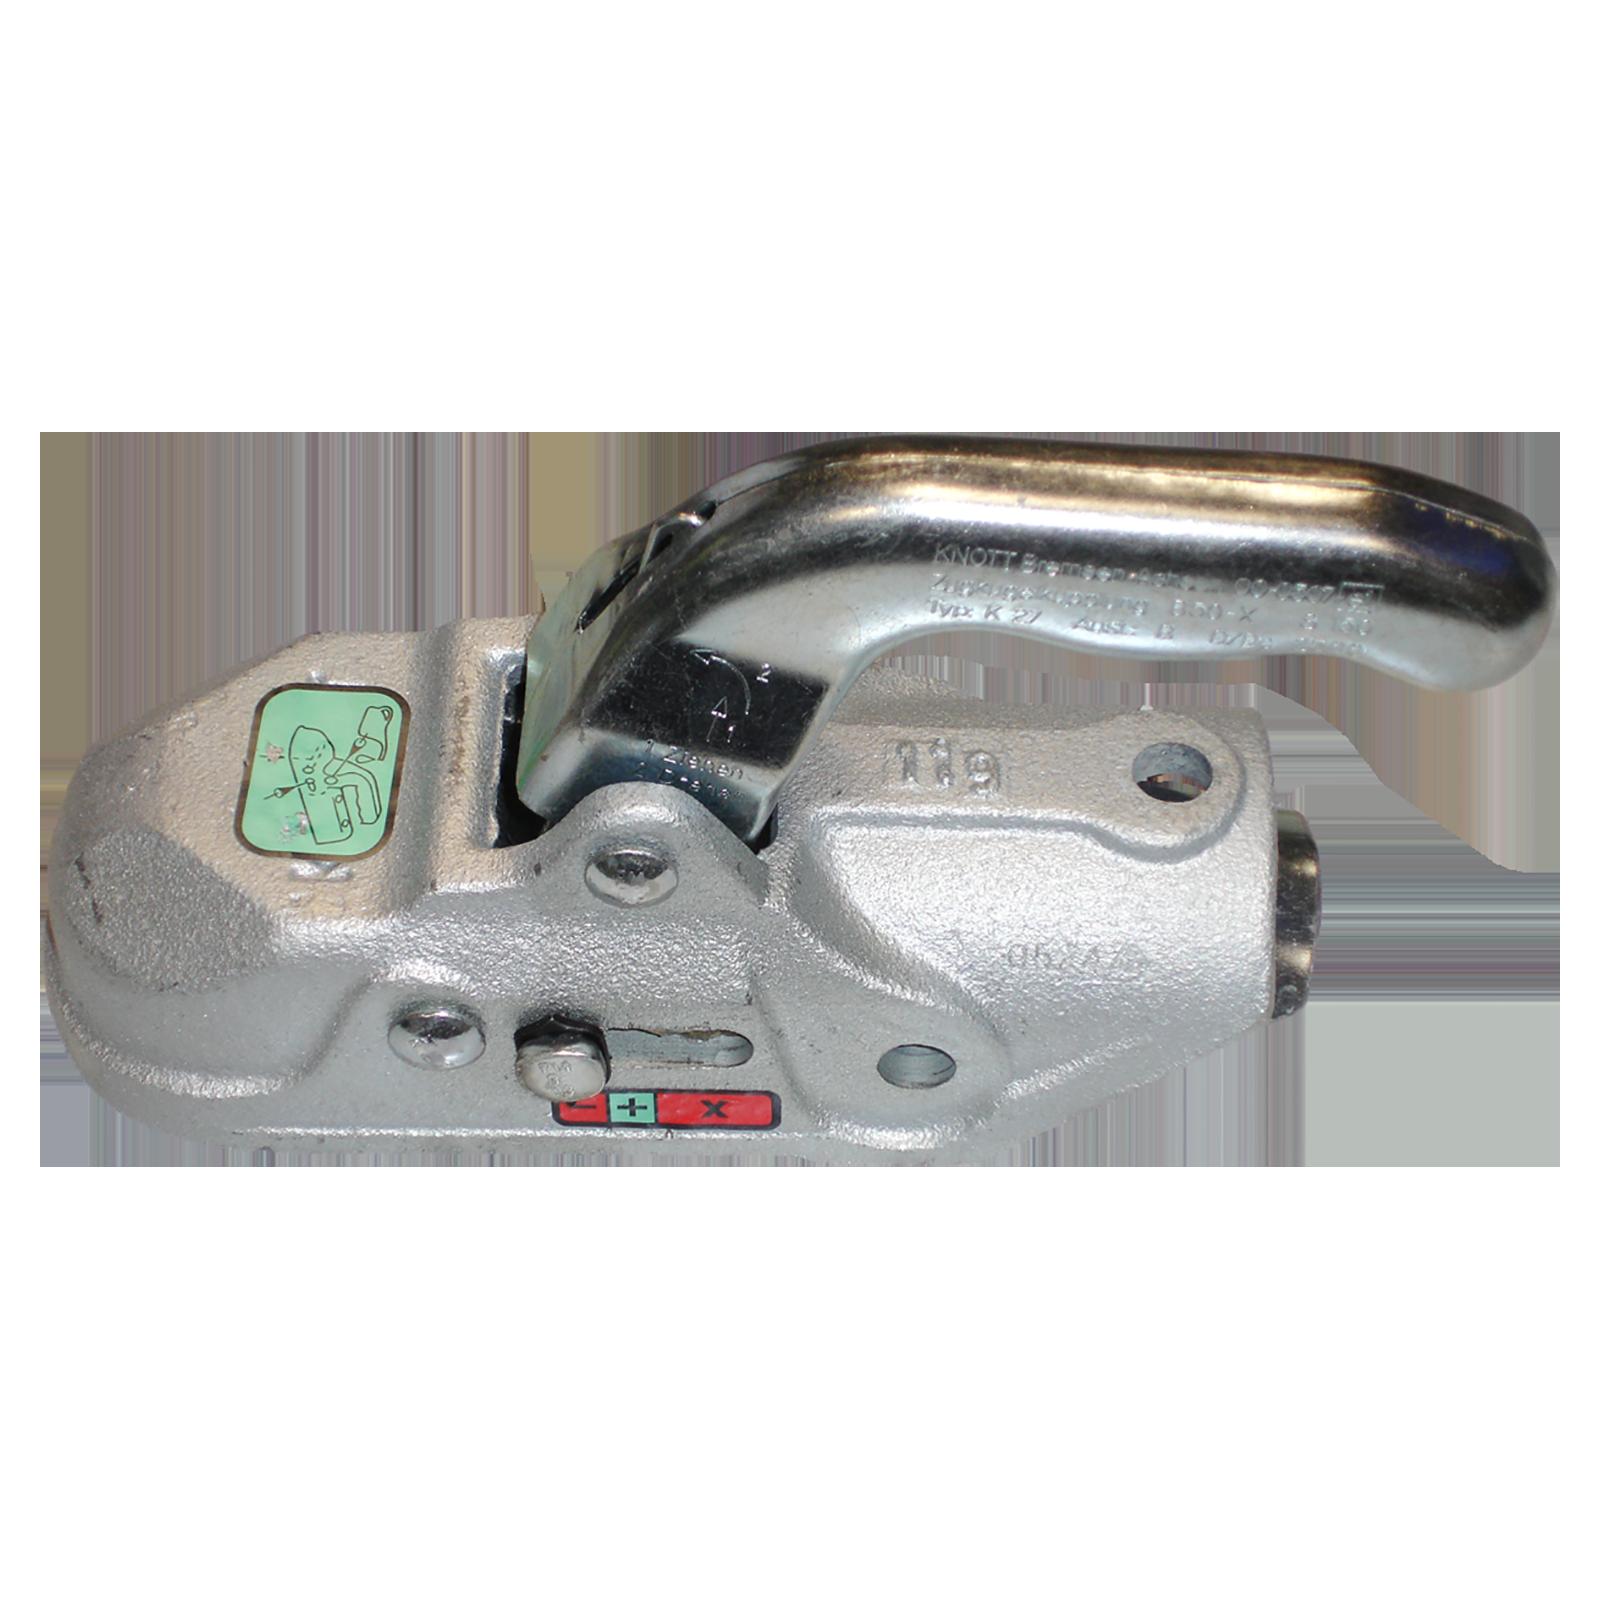 tete dattelage remorque diametre de raccordement 45 mm rond ecartement des trous 40 mm avec. Black Bedroom Furniture Sets. Home Design Ideas